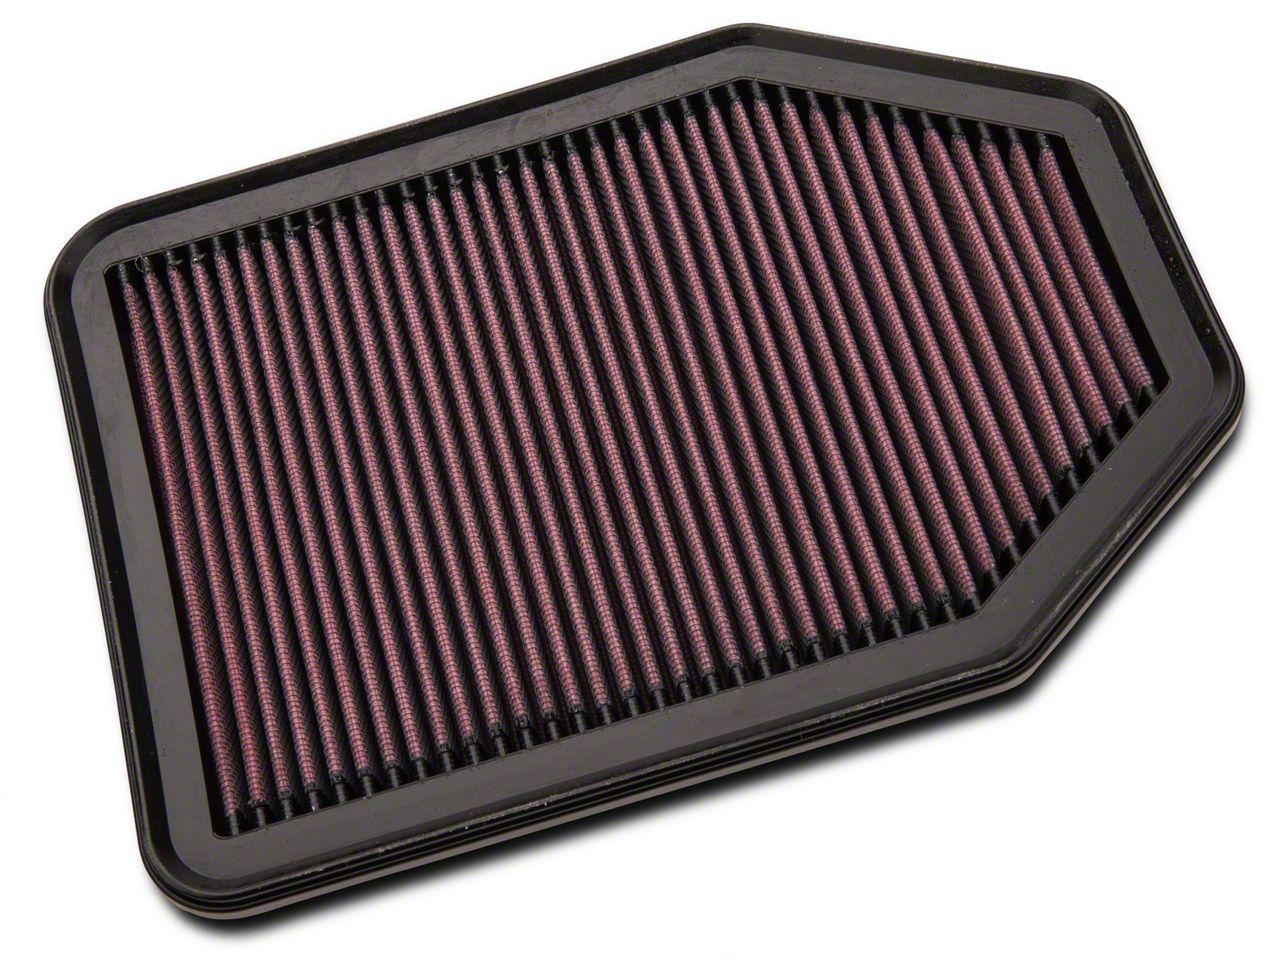 K&N Drop-In Replacement Air Filter (07-18 3.6L or 3.8L Jeep Wrangler JK)